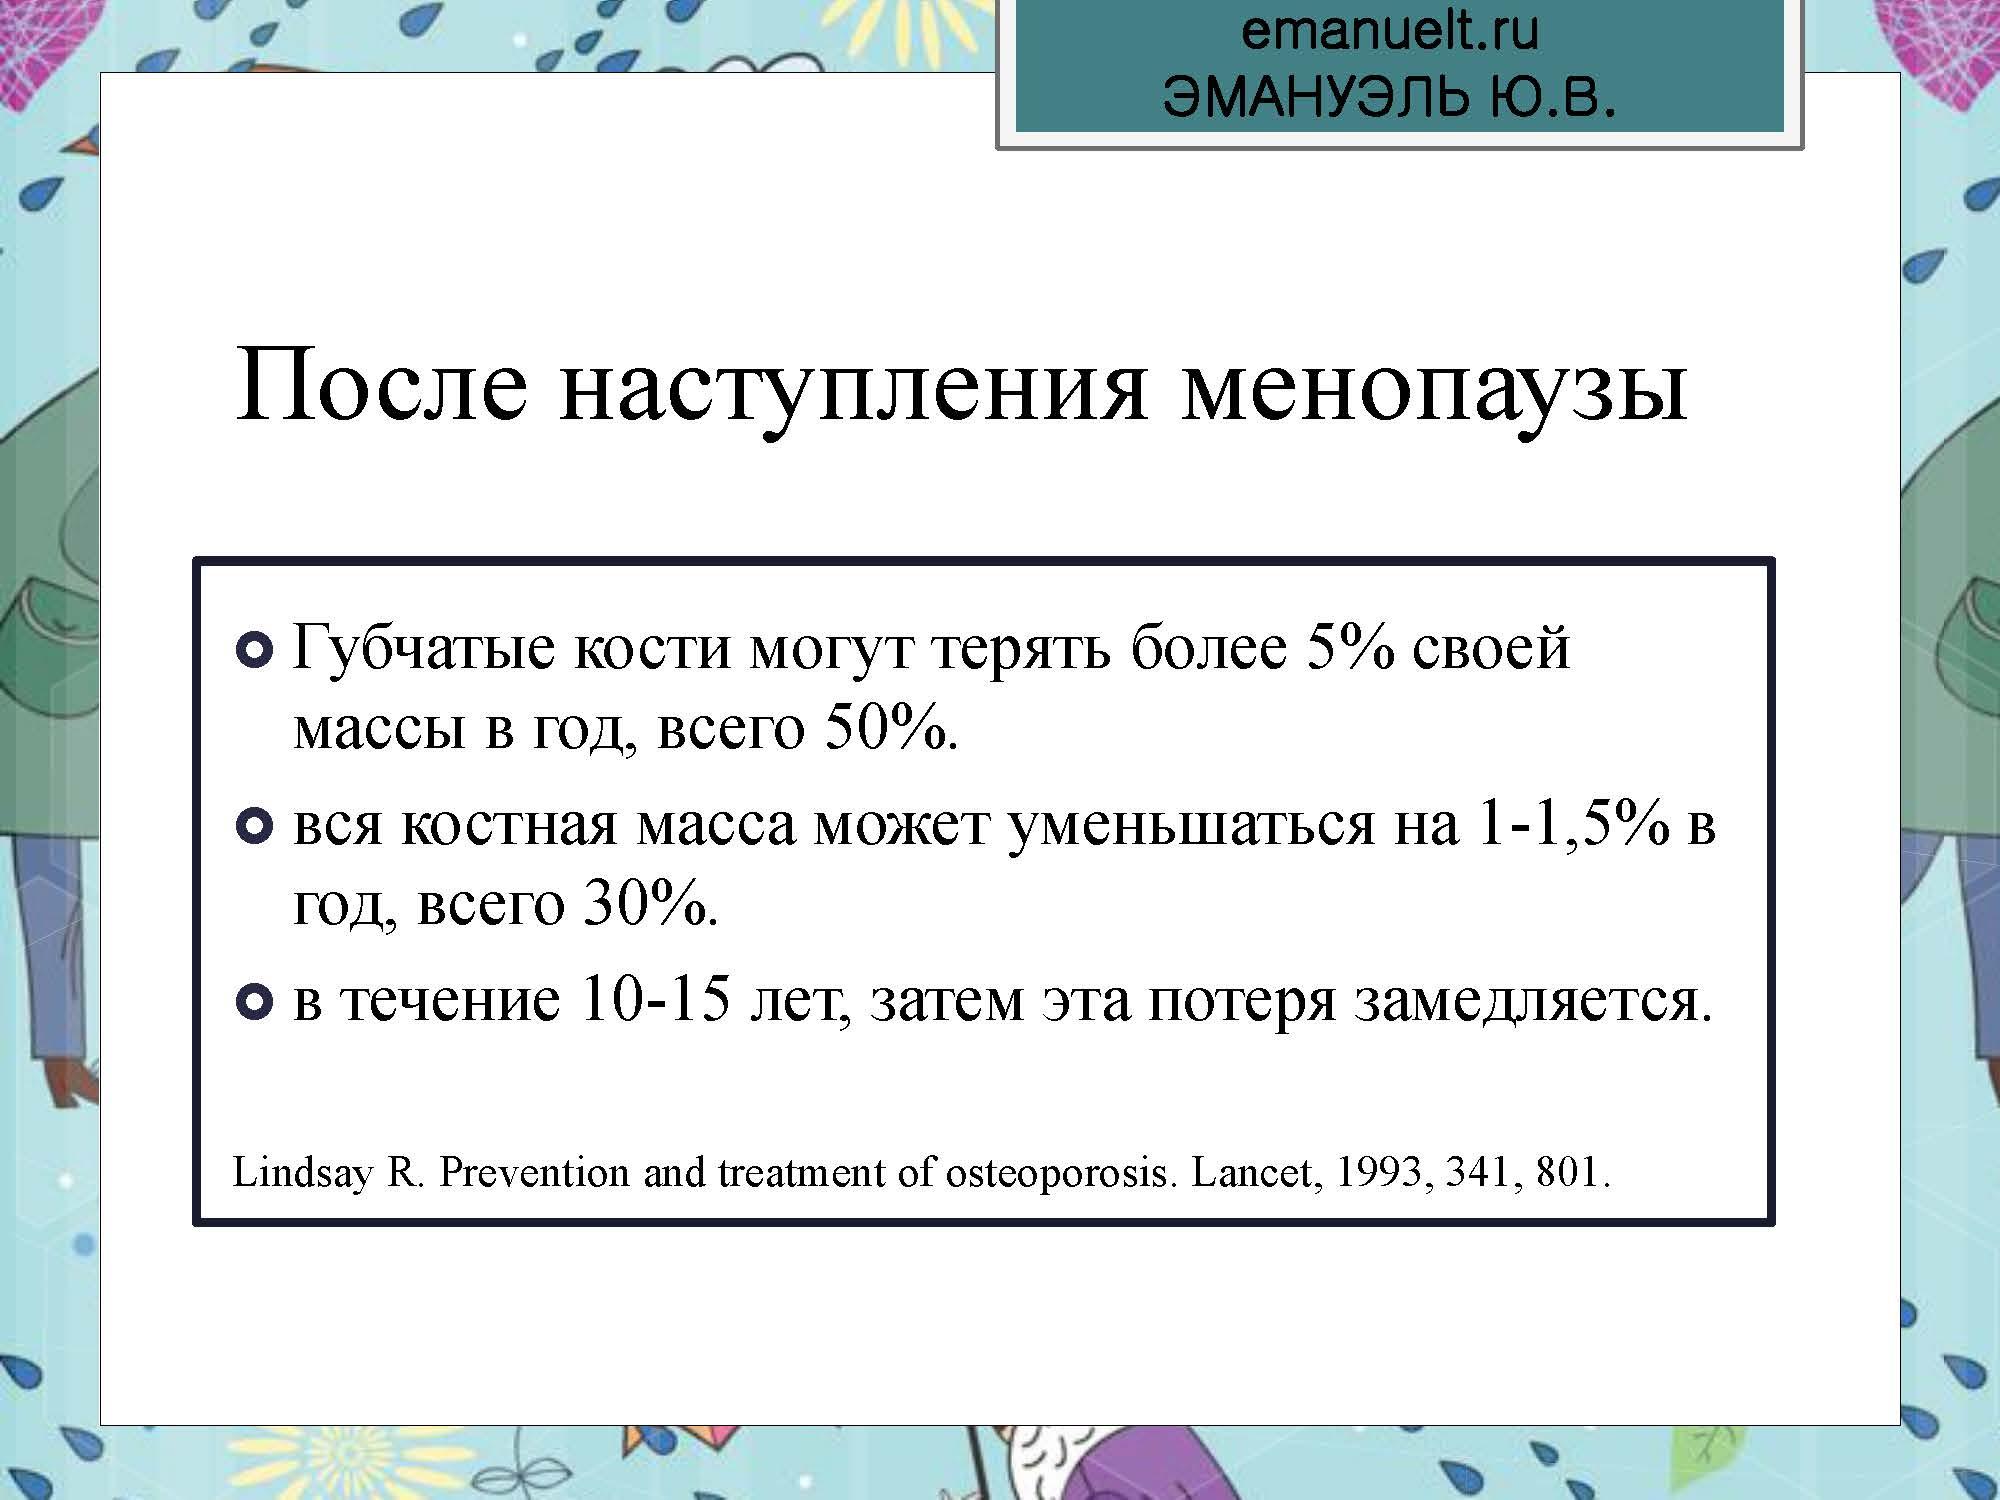 Секция 8. ЭЮВ. СПбГМУ.  26.03_Страница_27